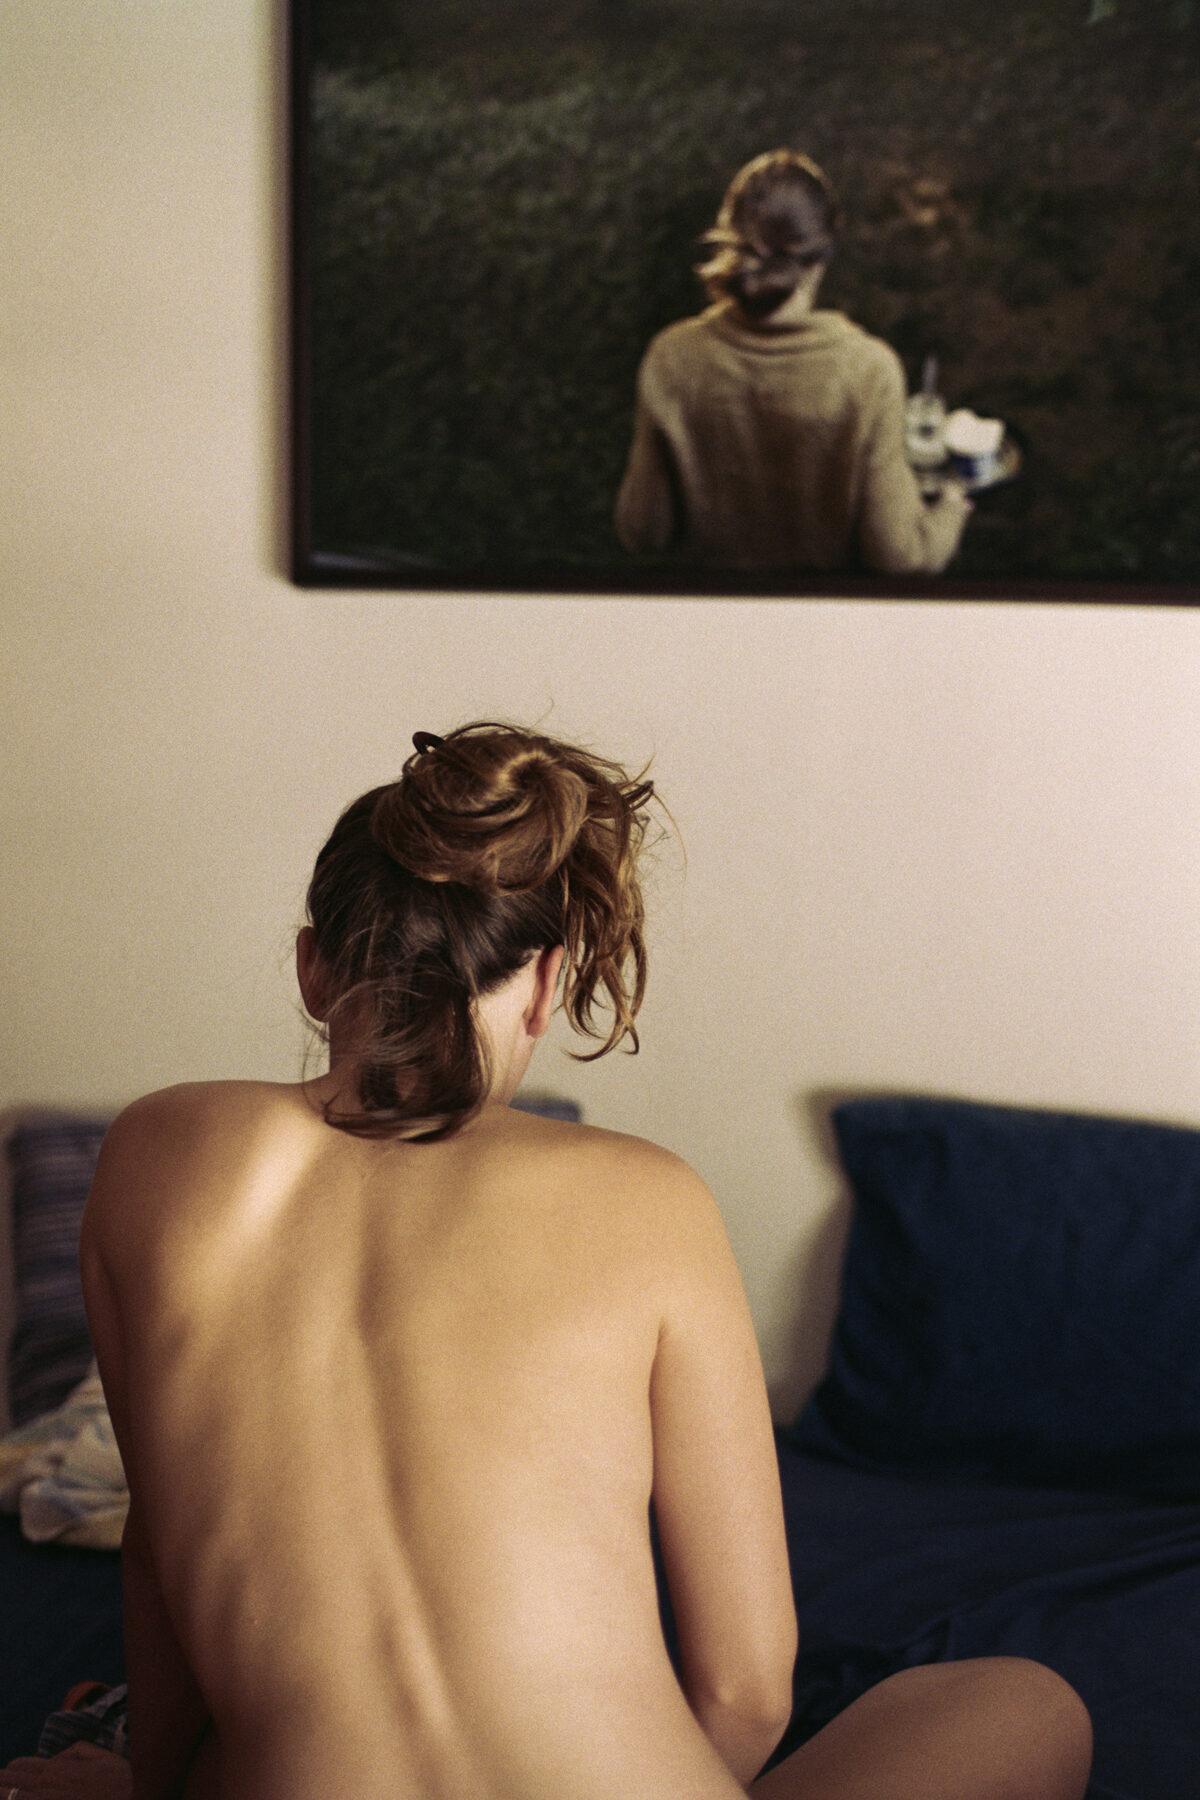 © Ignacio Iasparra